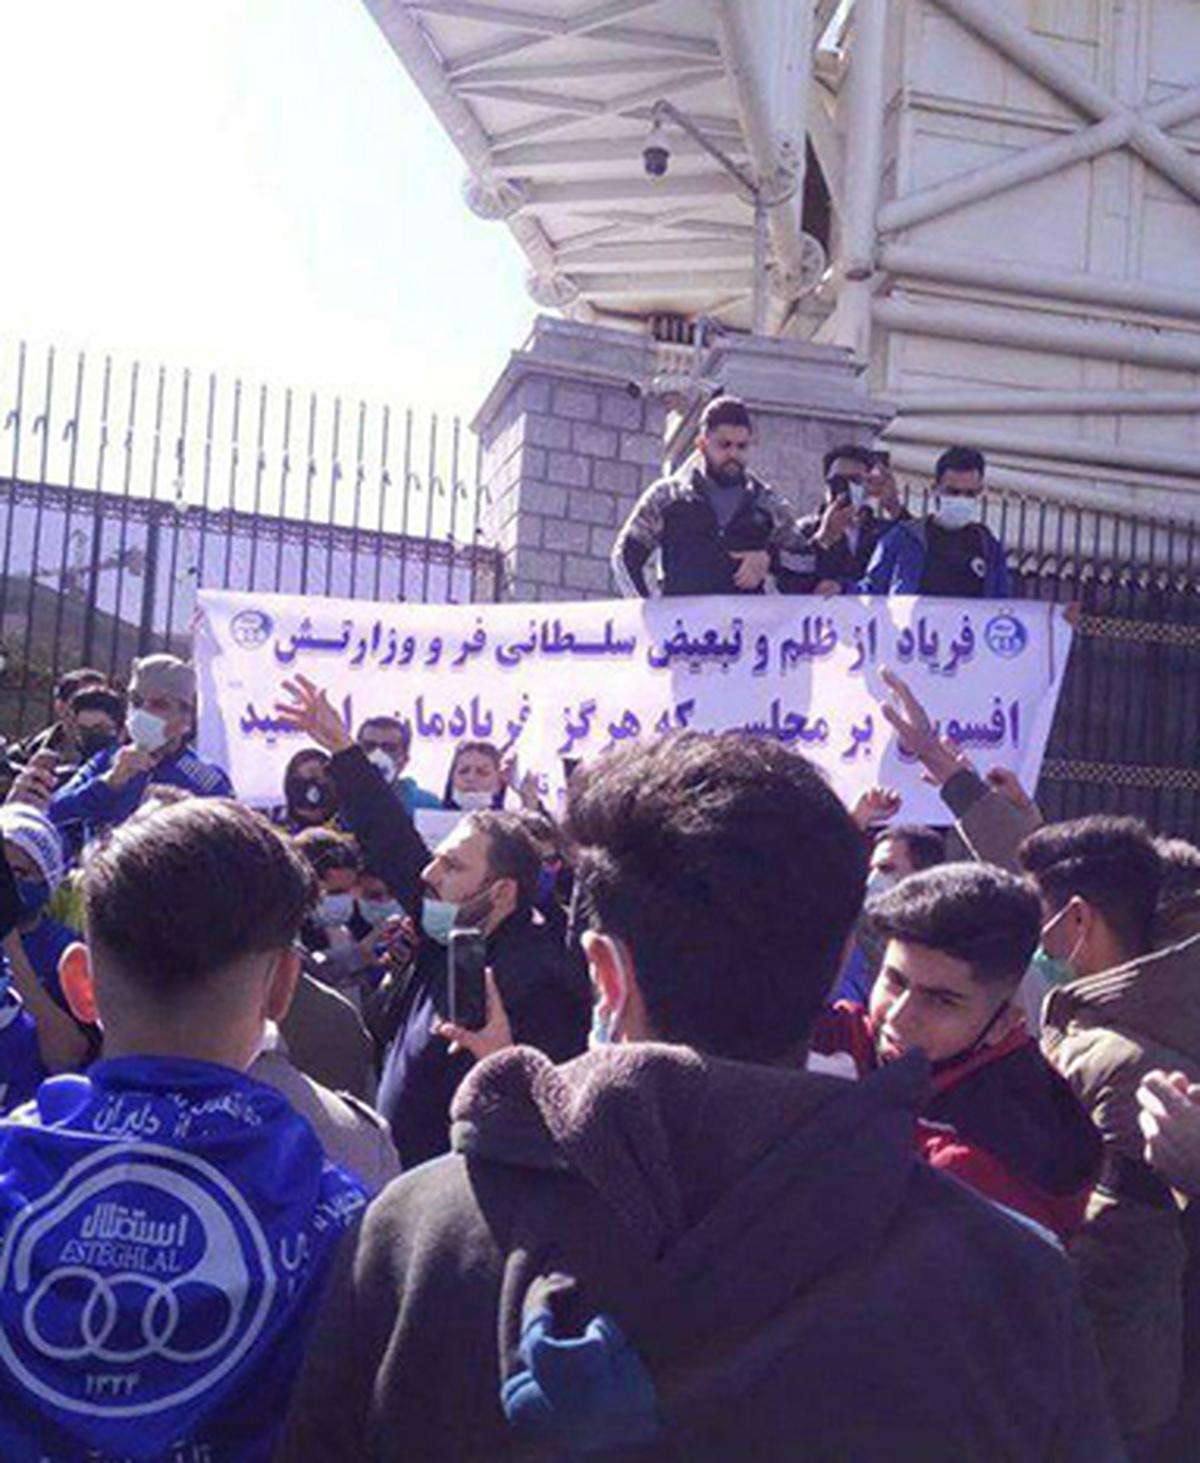 حاشیه های استقلال تمامی ندارد  این بار تجمع هواداران استقلال مقابل مجلس+ عکس